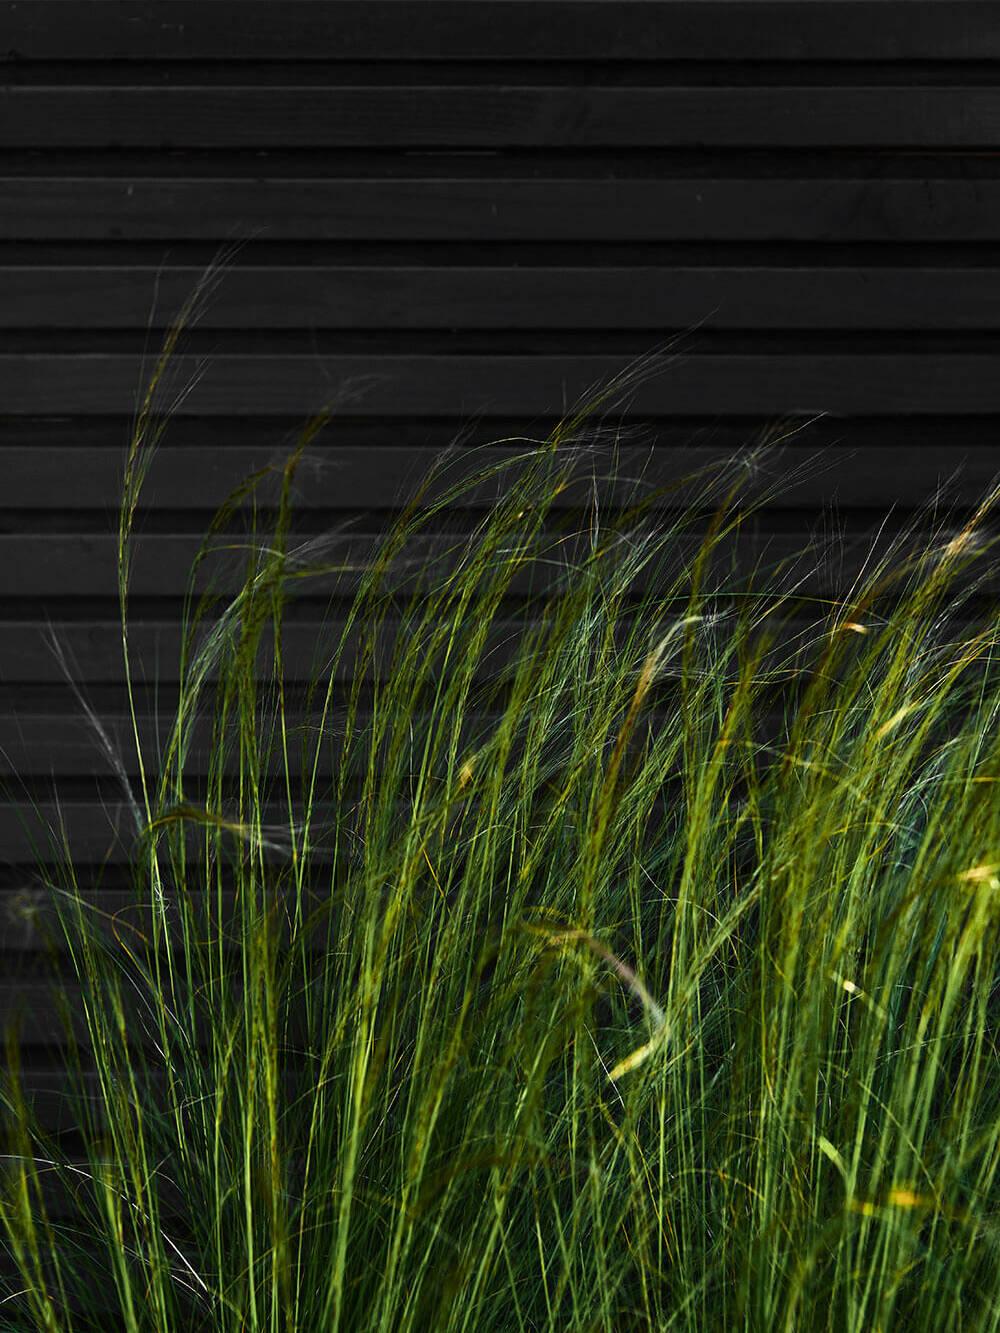 The-Garden-Store-Tuin-Interieur-Plantstyling-Tuinstyling-Esther-Biesot-grassen